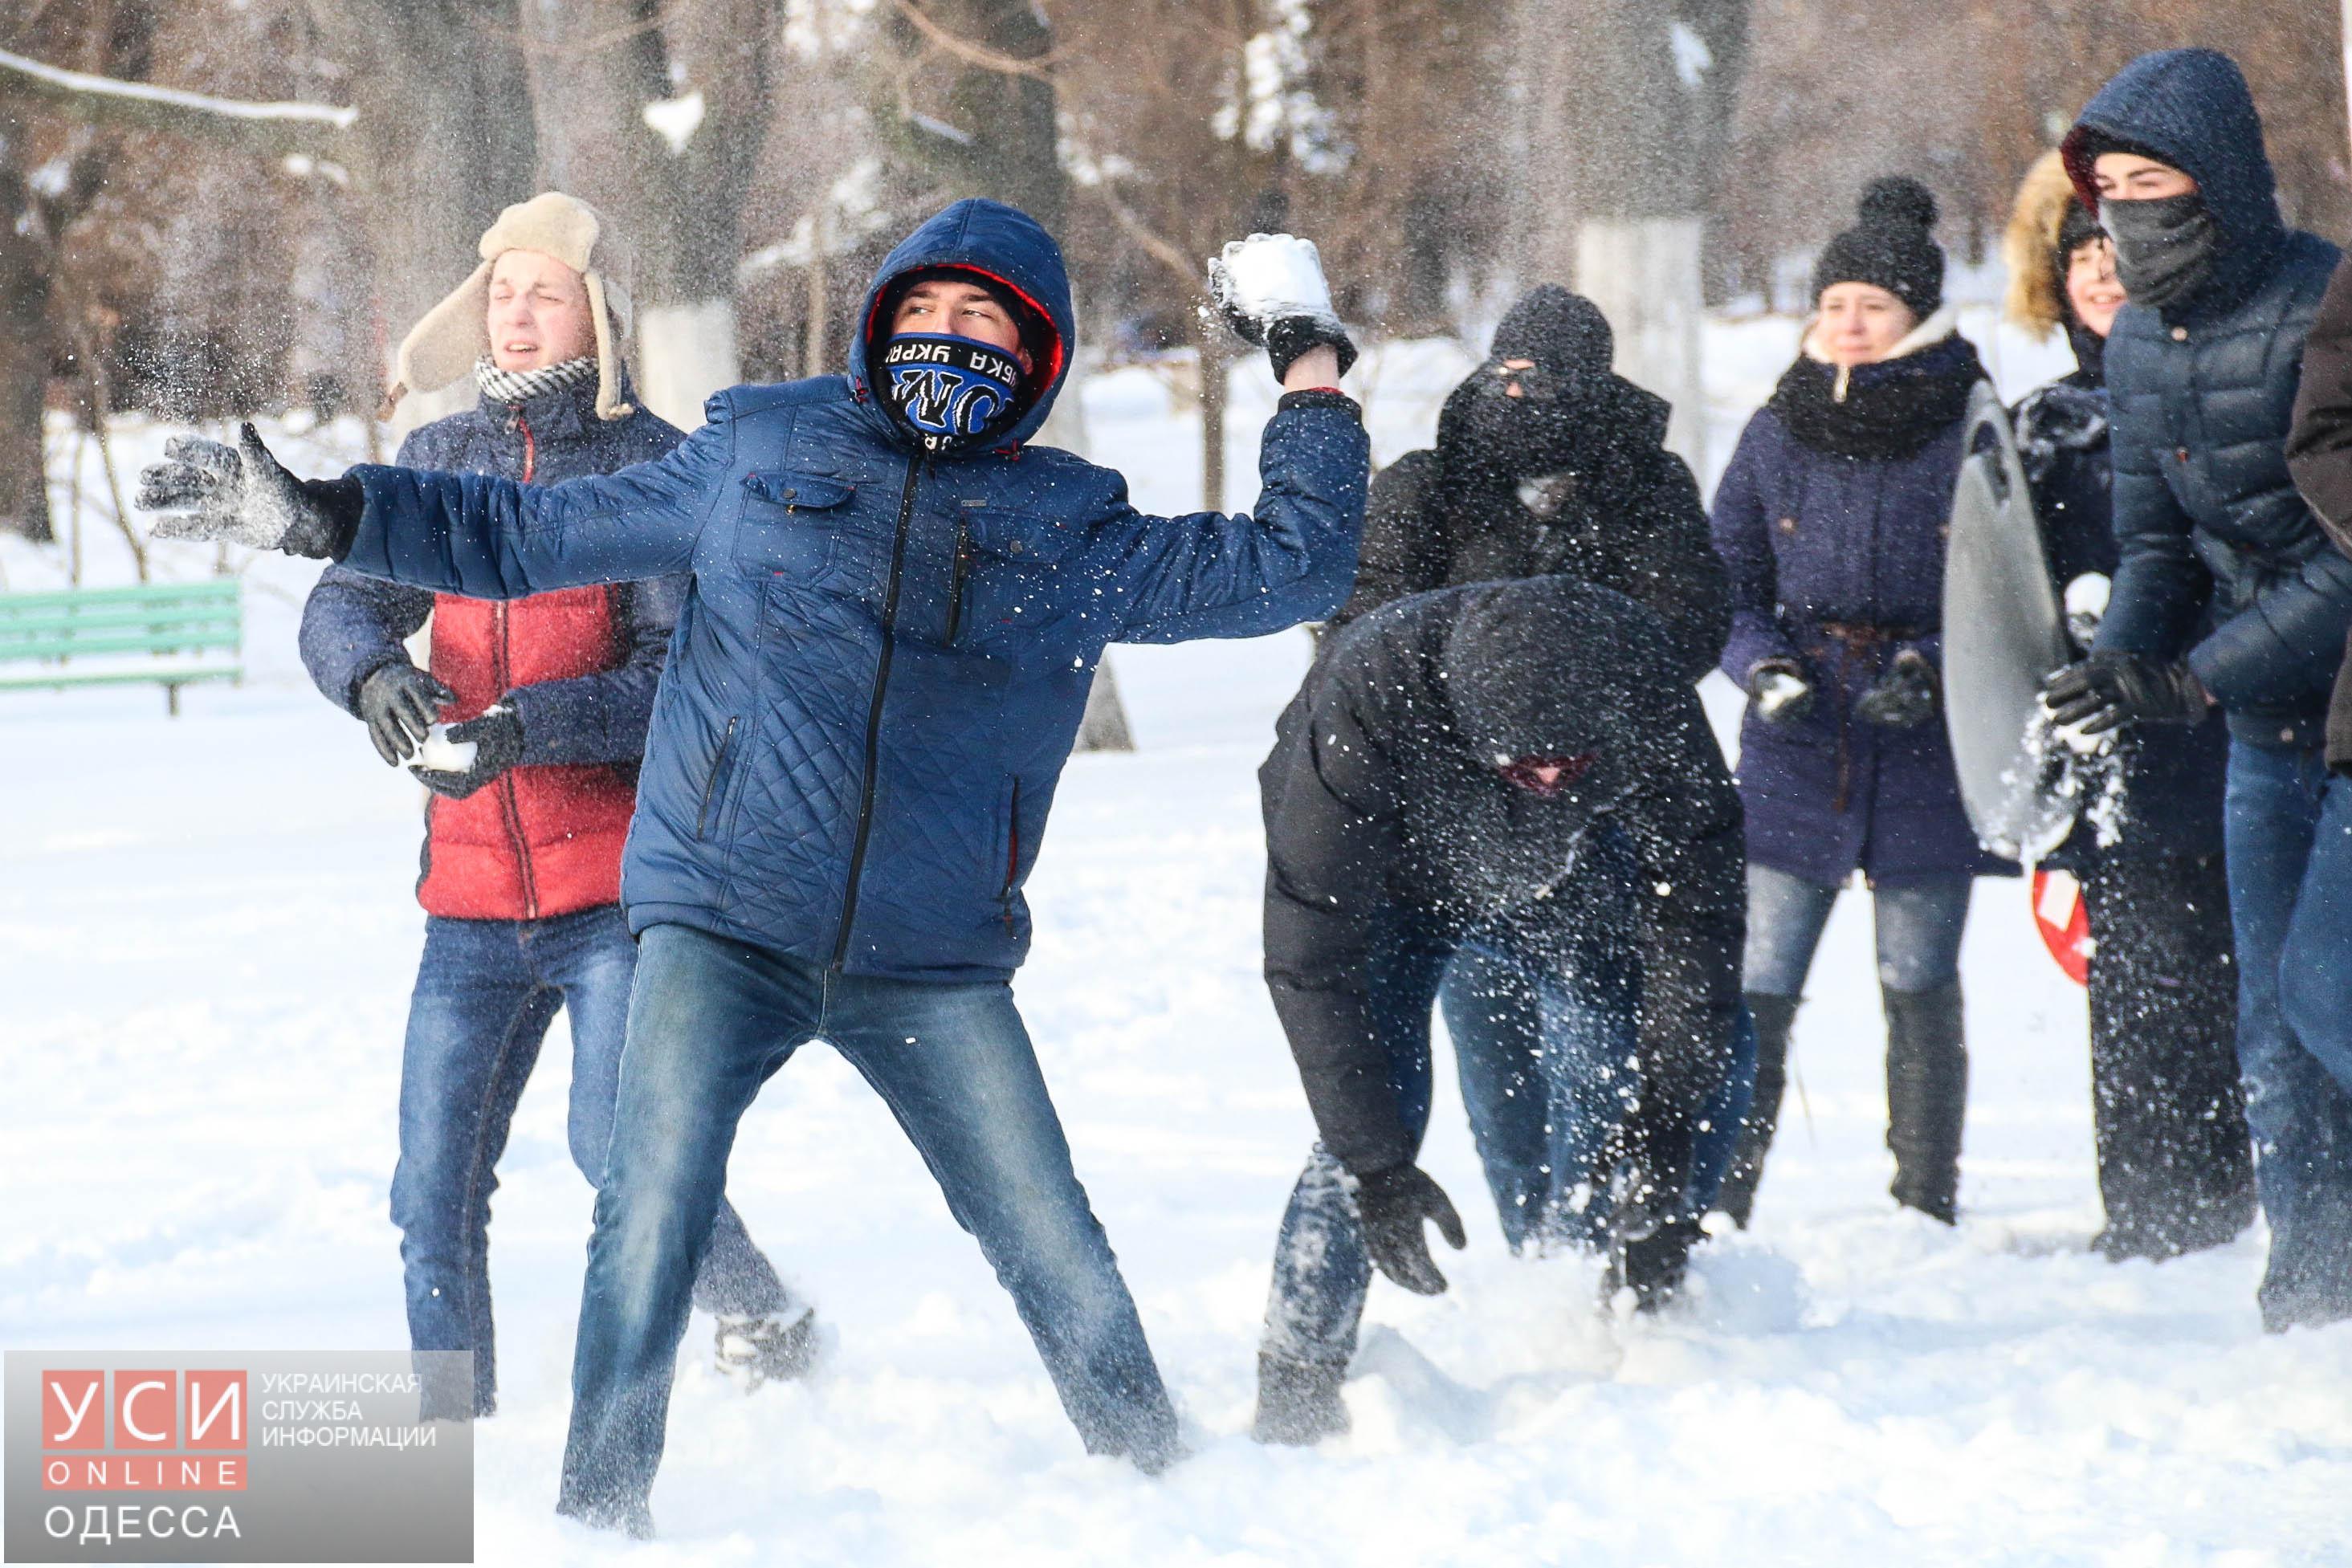 В парке Победы несколько десятков одесситов забросали друг друга снежками (фоторепортаж)